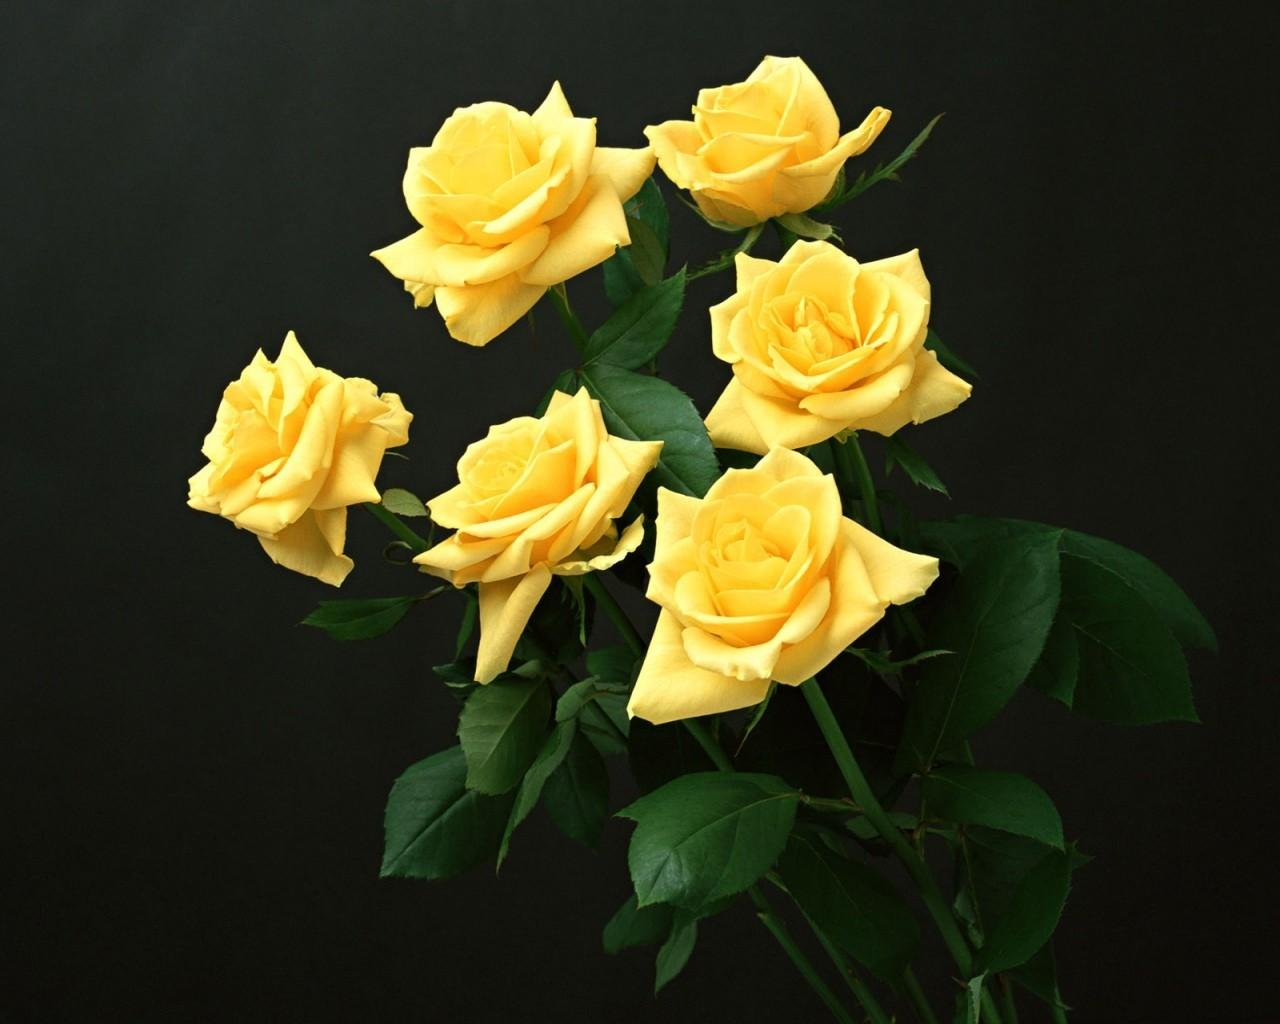 Fiori Gialli Rose.Sfondi Fiori Gialli Giallo Rose Gialle Fiore Flora Petalo